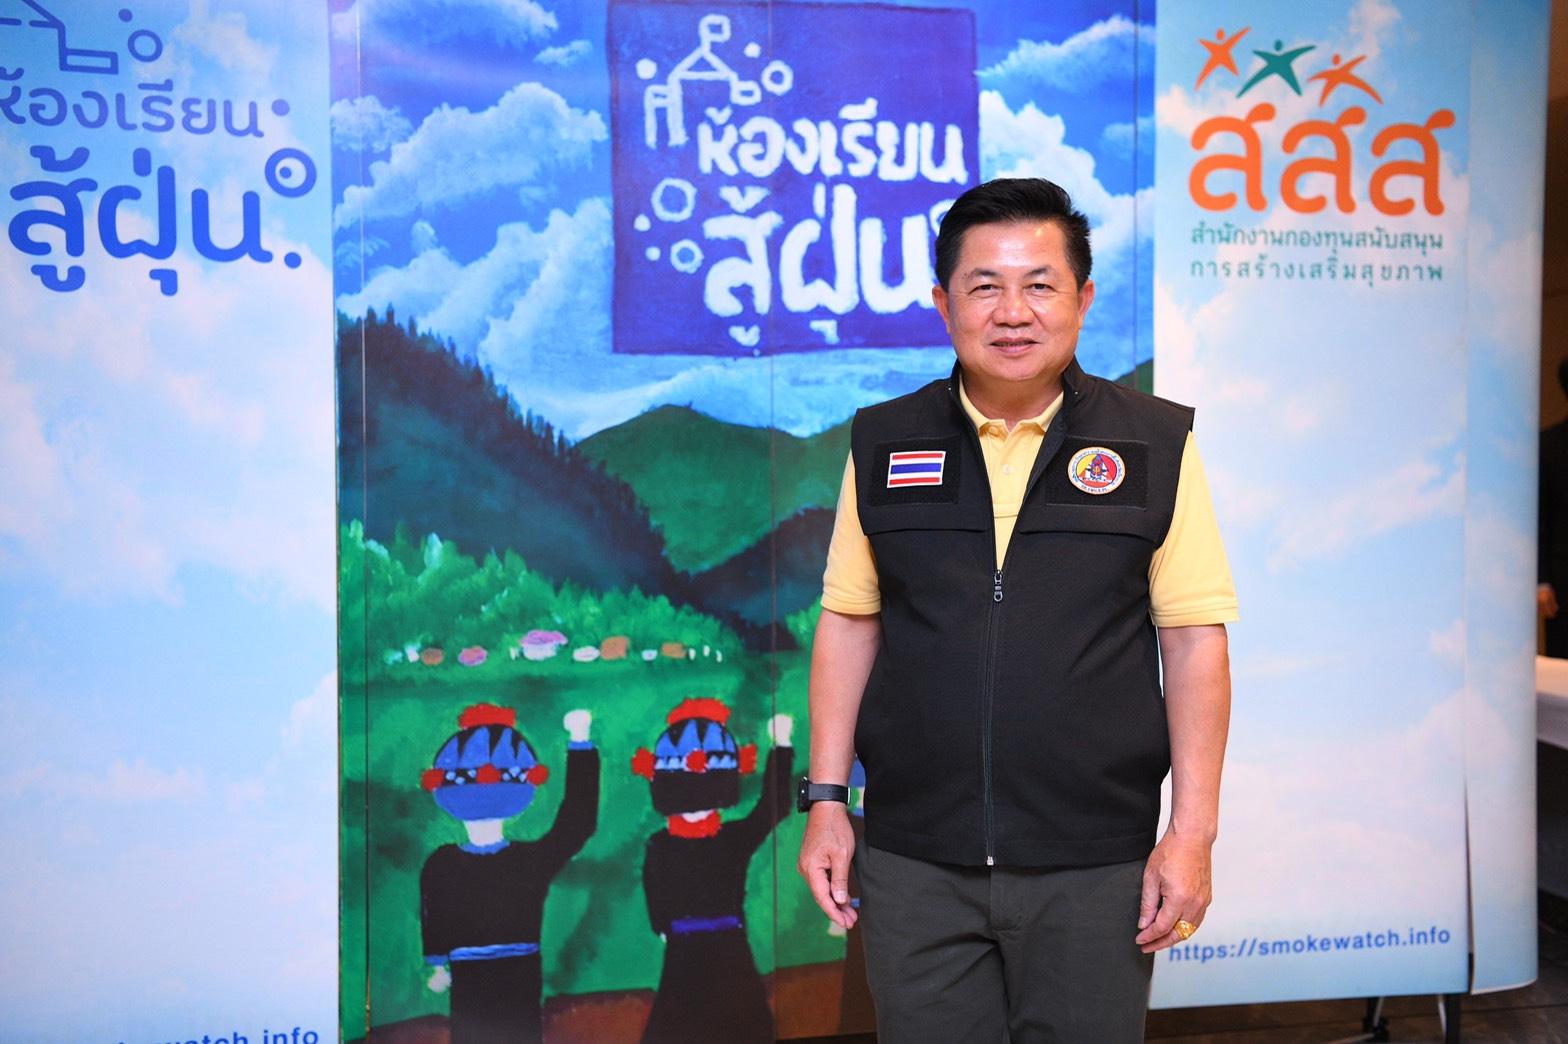 หนุนห้องเรียนสู้ฝุ่น ชวนเยาวชนลดปัญหามลพิษ thaihealth